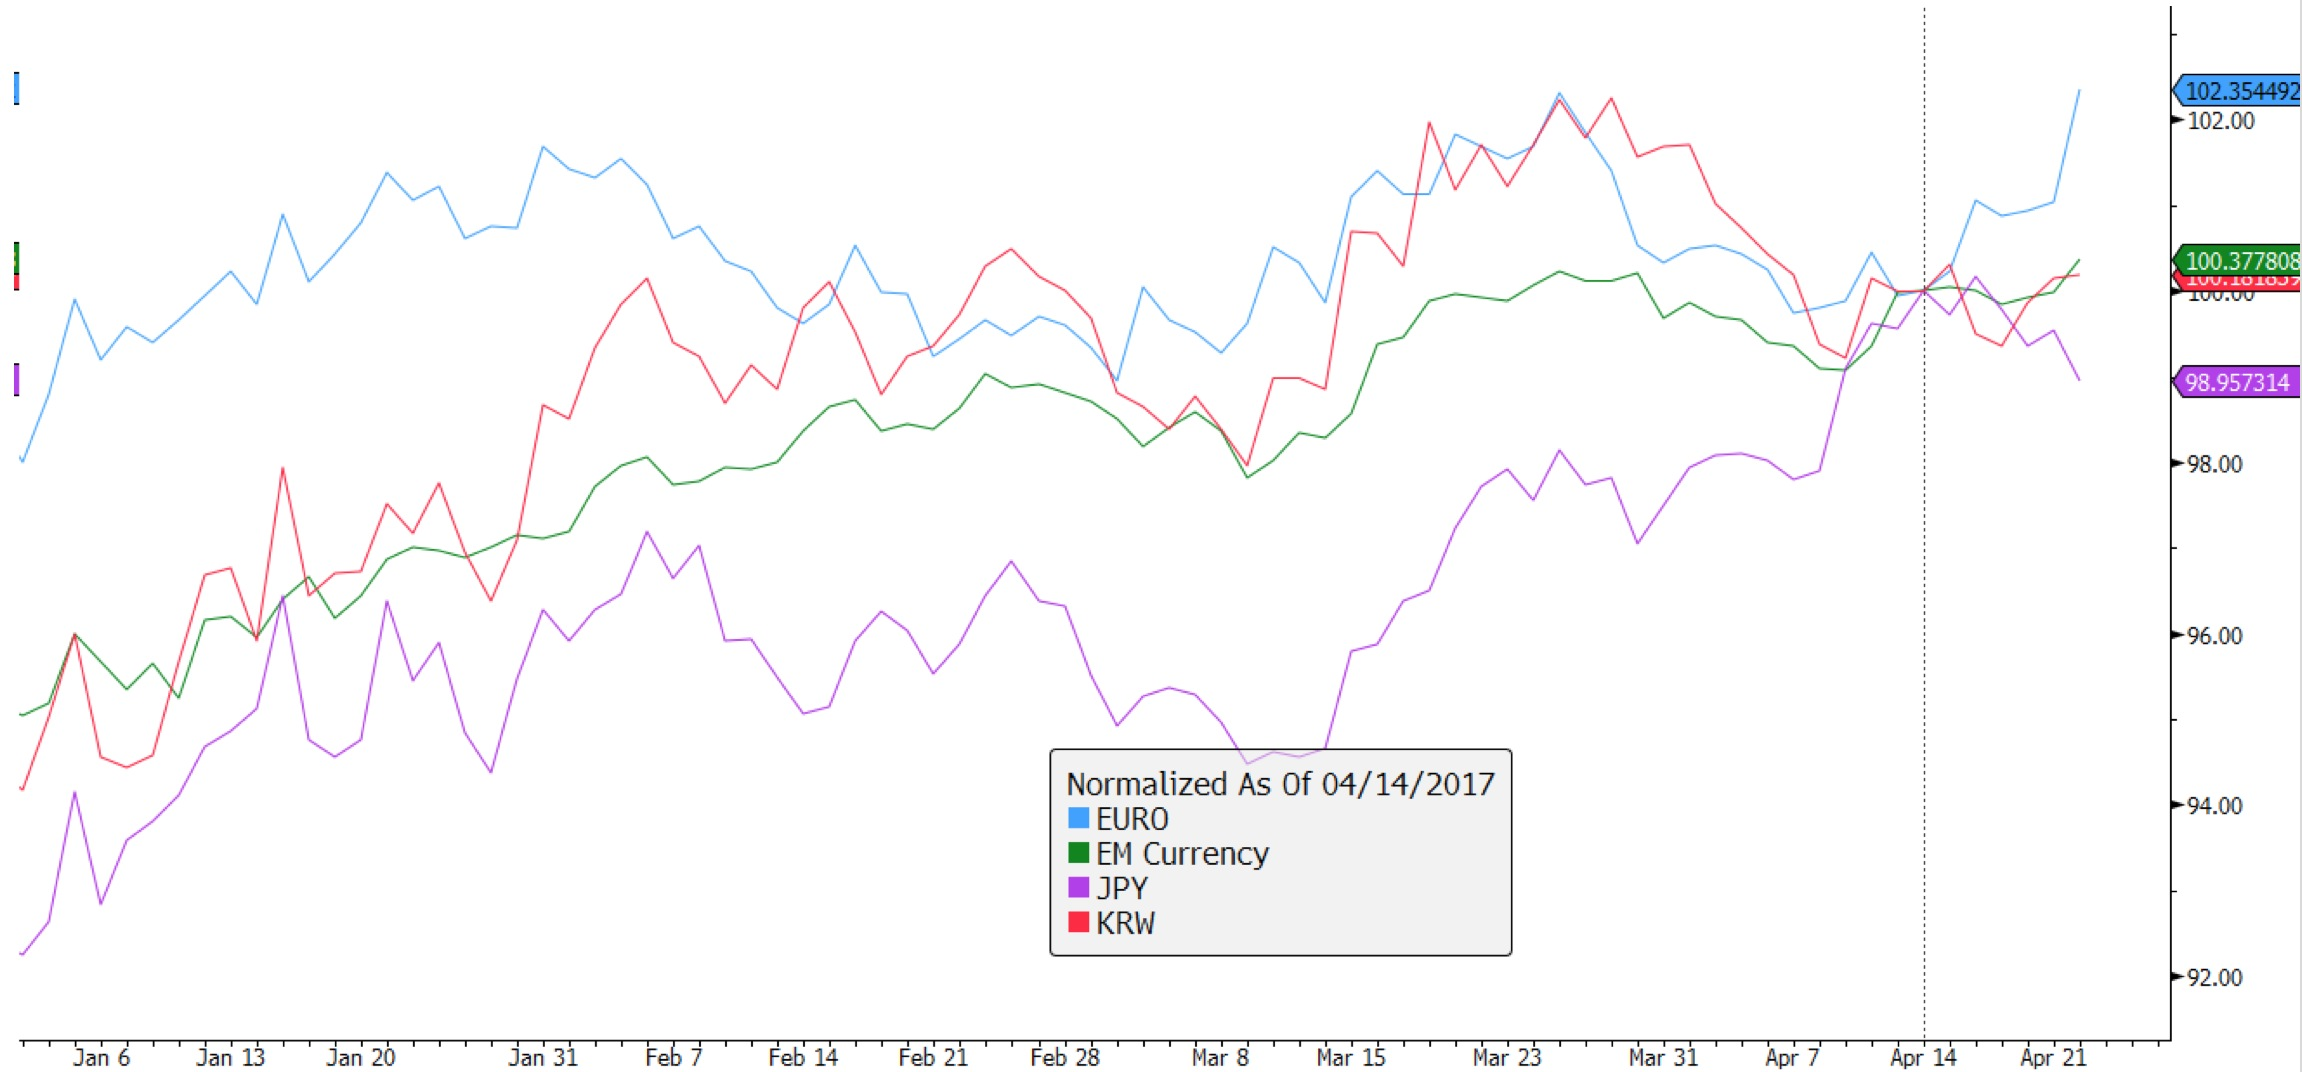 유로화, 이머징 통화지수, 일본 엔화, 한국 원화 / 모두 미국 달러(USD) 기준 ⓒ강대권 (source: Bloomberg)